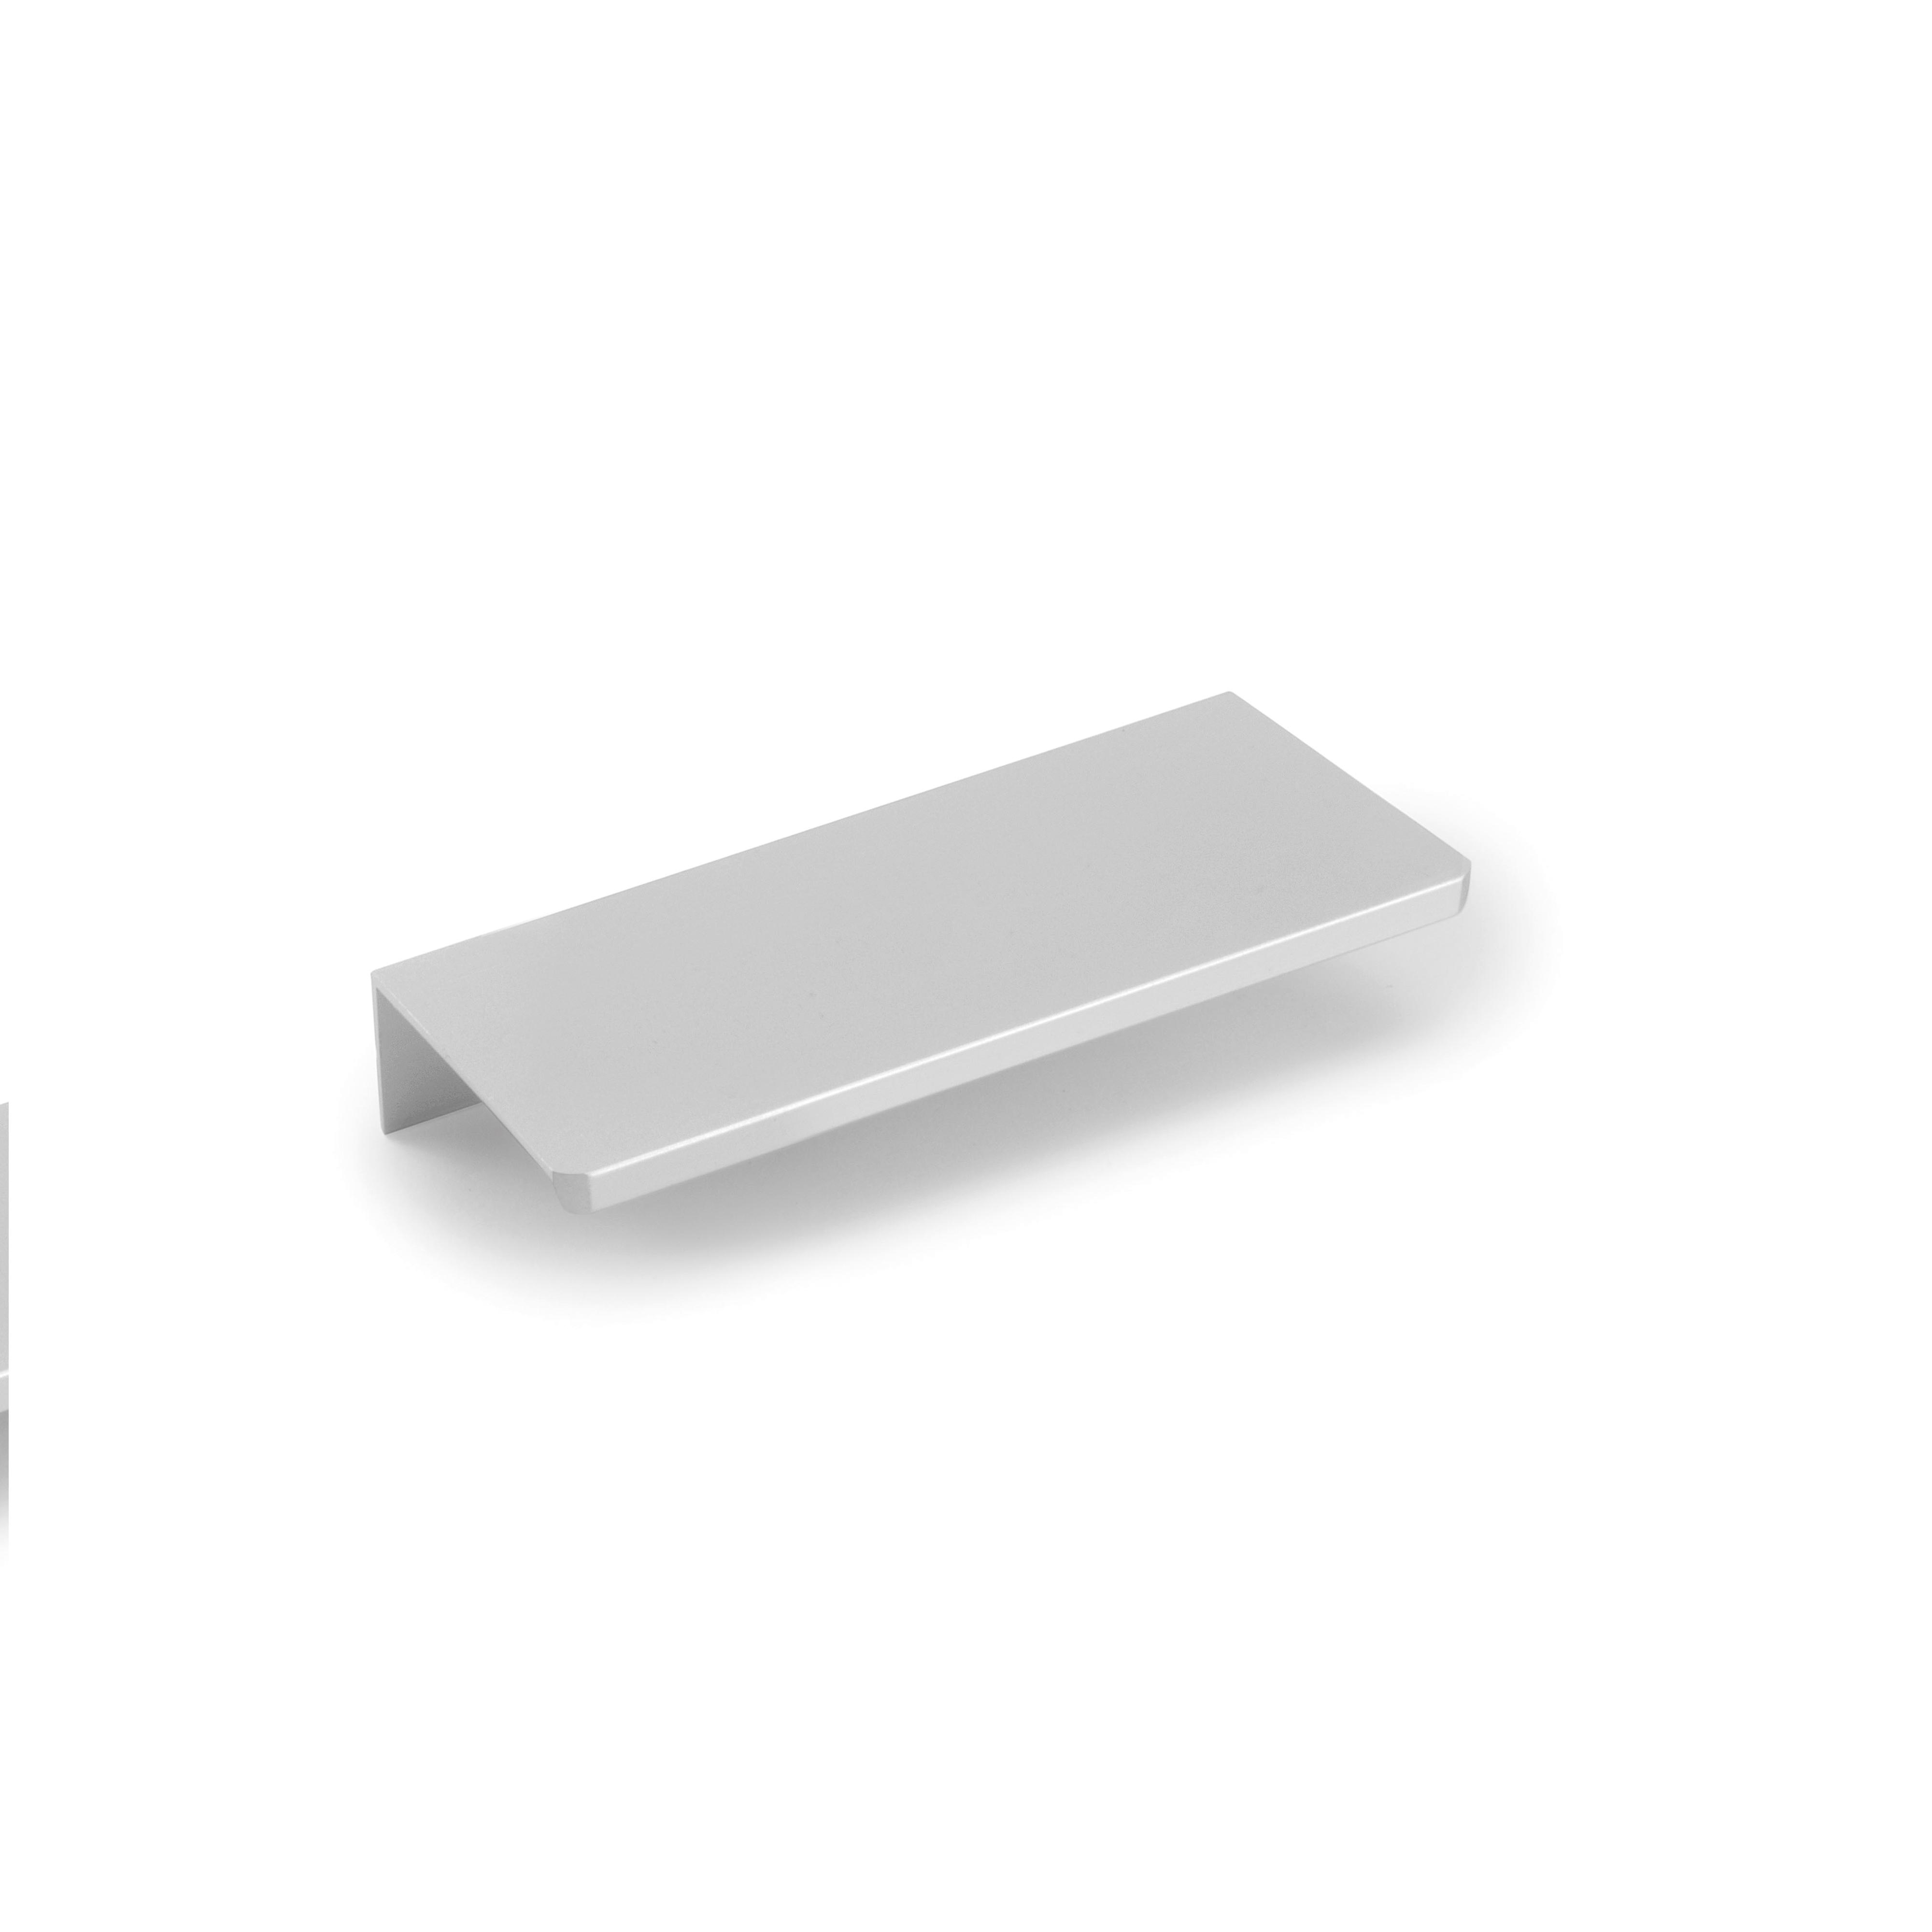 Emuca Maniglie per mobile, interasse 32 mm, Alluminio, Anodizzato opaco